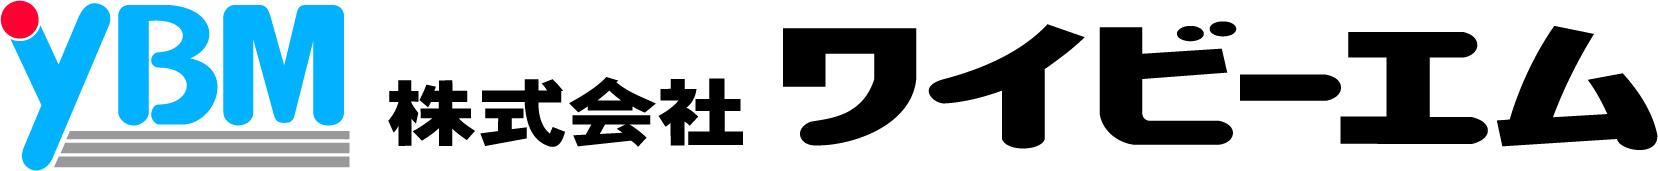 YBM Co.,Ltd.